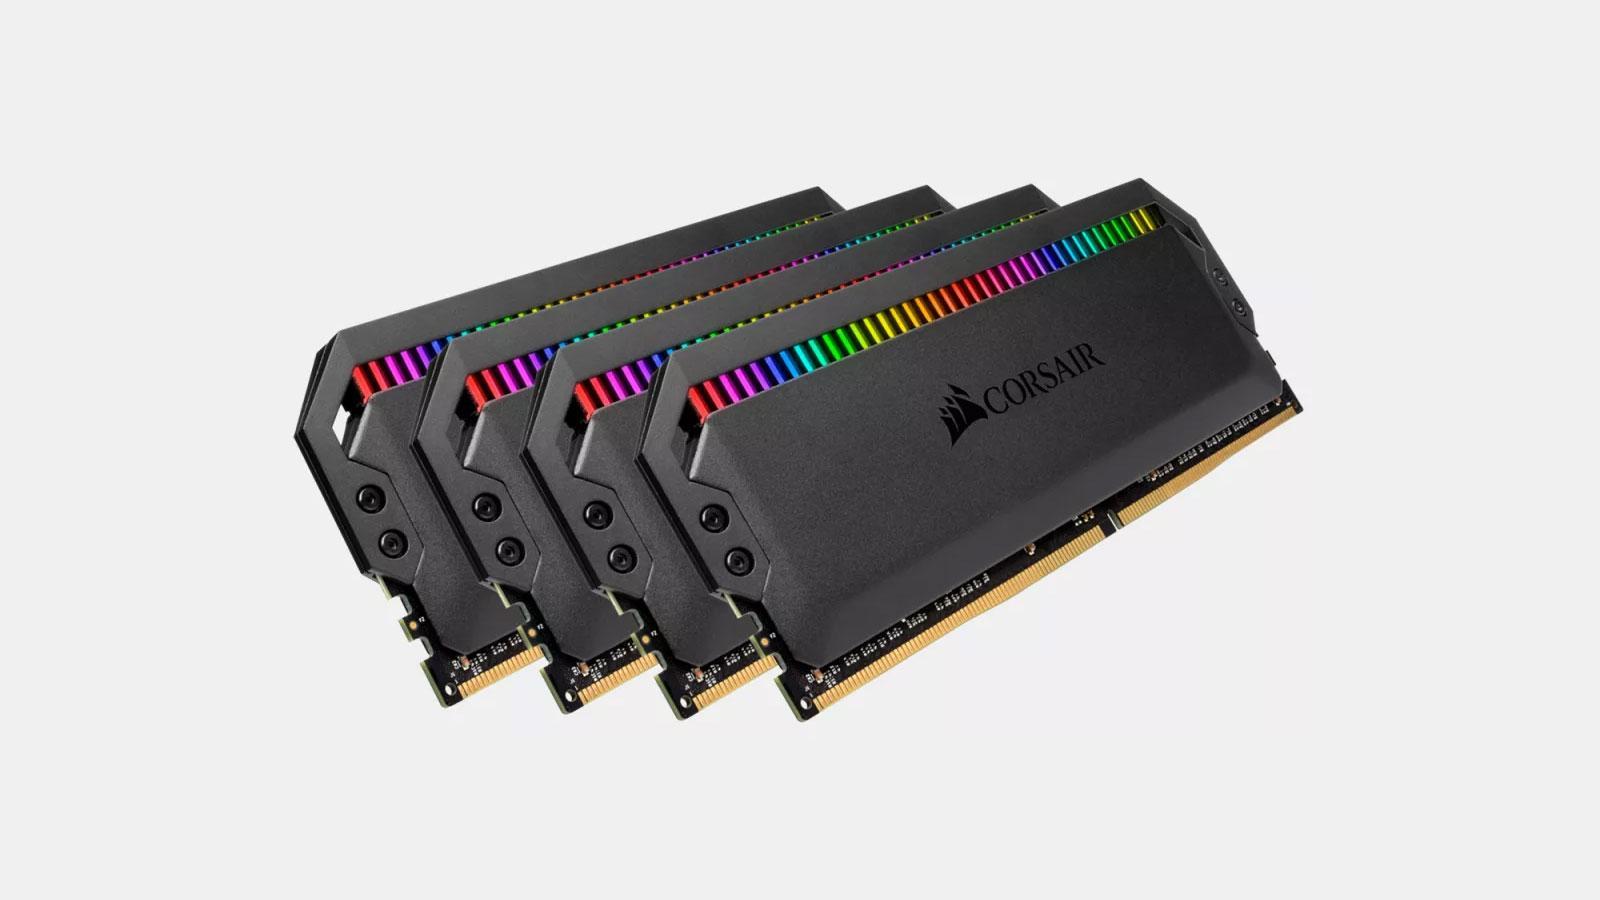 Corsair сообщает, что DDR5 память потребует продвинутого охлаждения